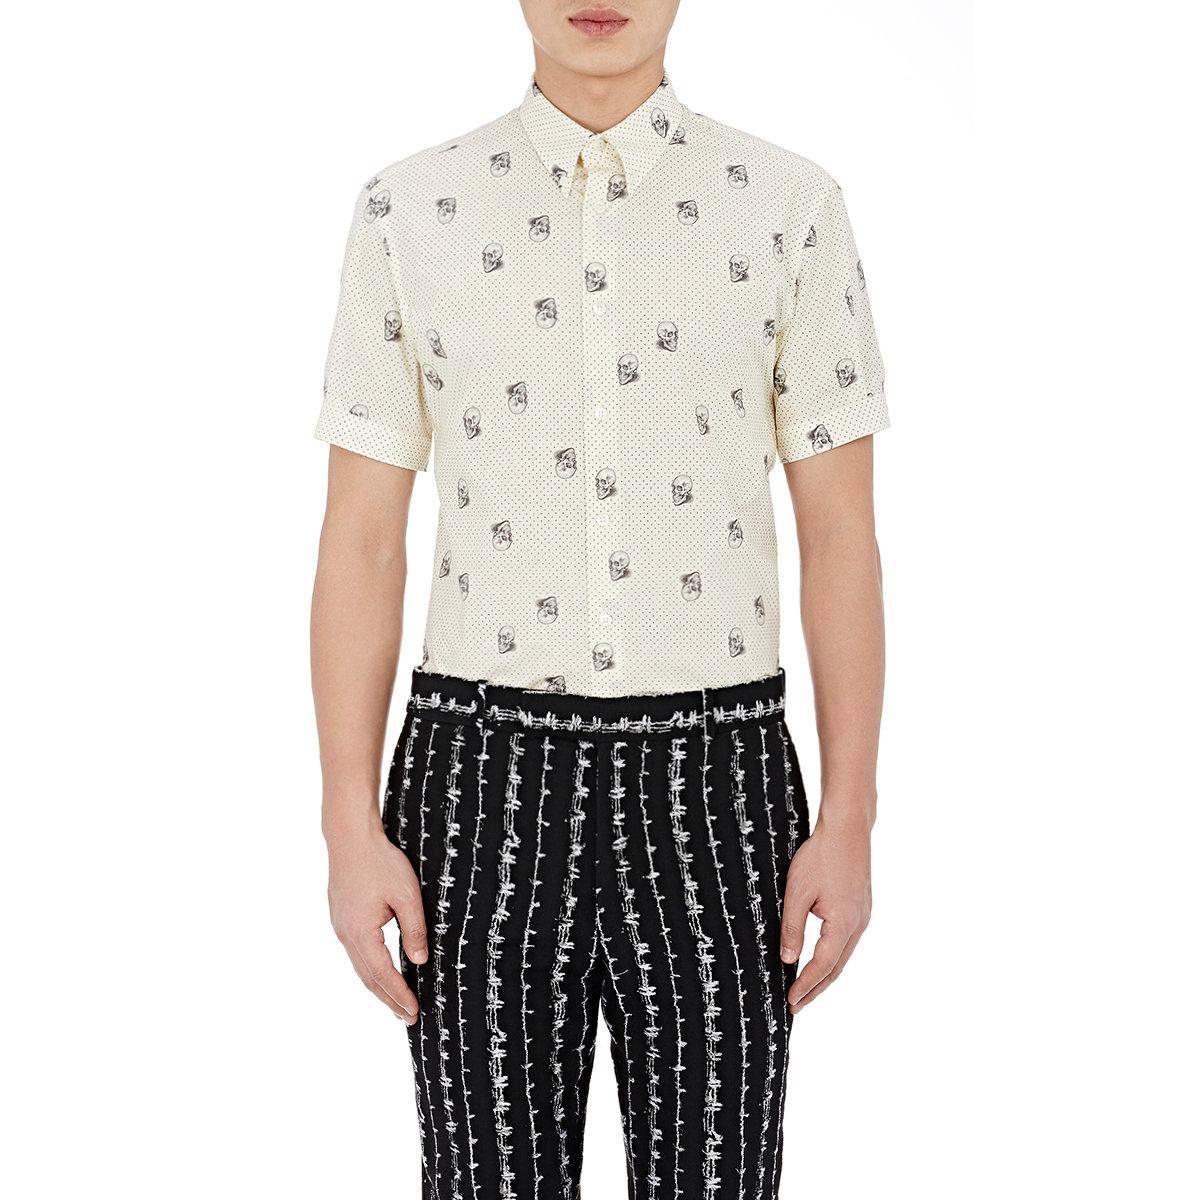 Alexander mcqueen men 39 s button down shirt in white for men for Alexander mcqueen shirt men